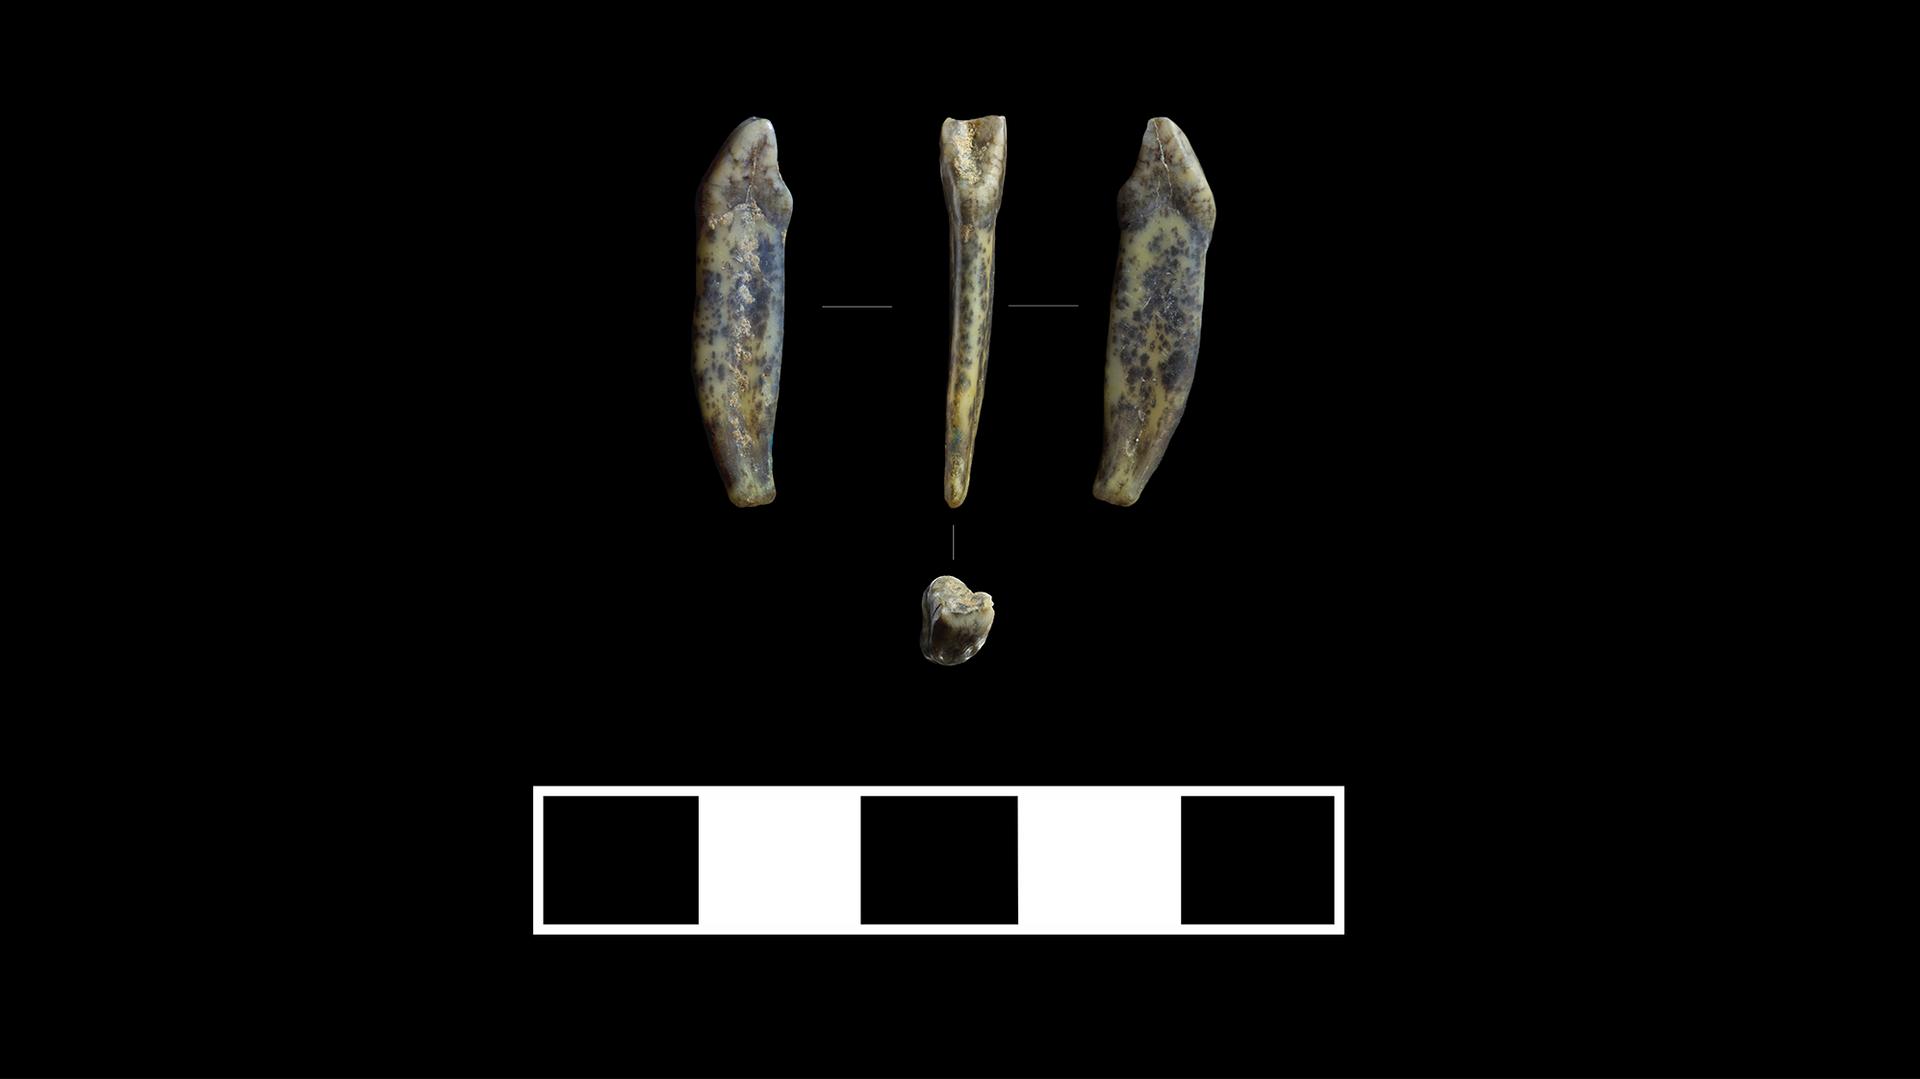 Зубы неандертальцев, найденные в Чагырской пещере - РИА Новости, 1920, 24.09.2020